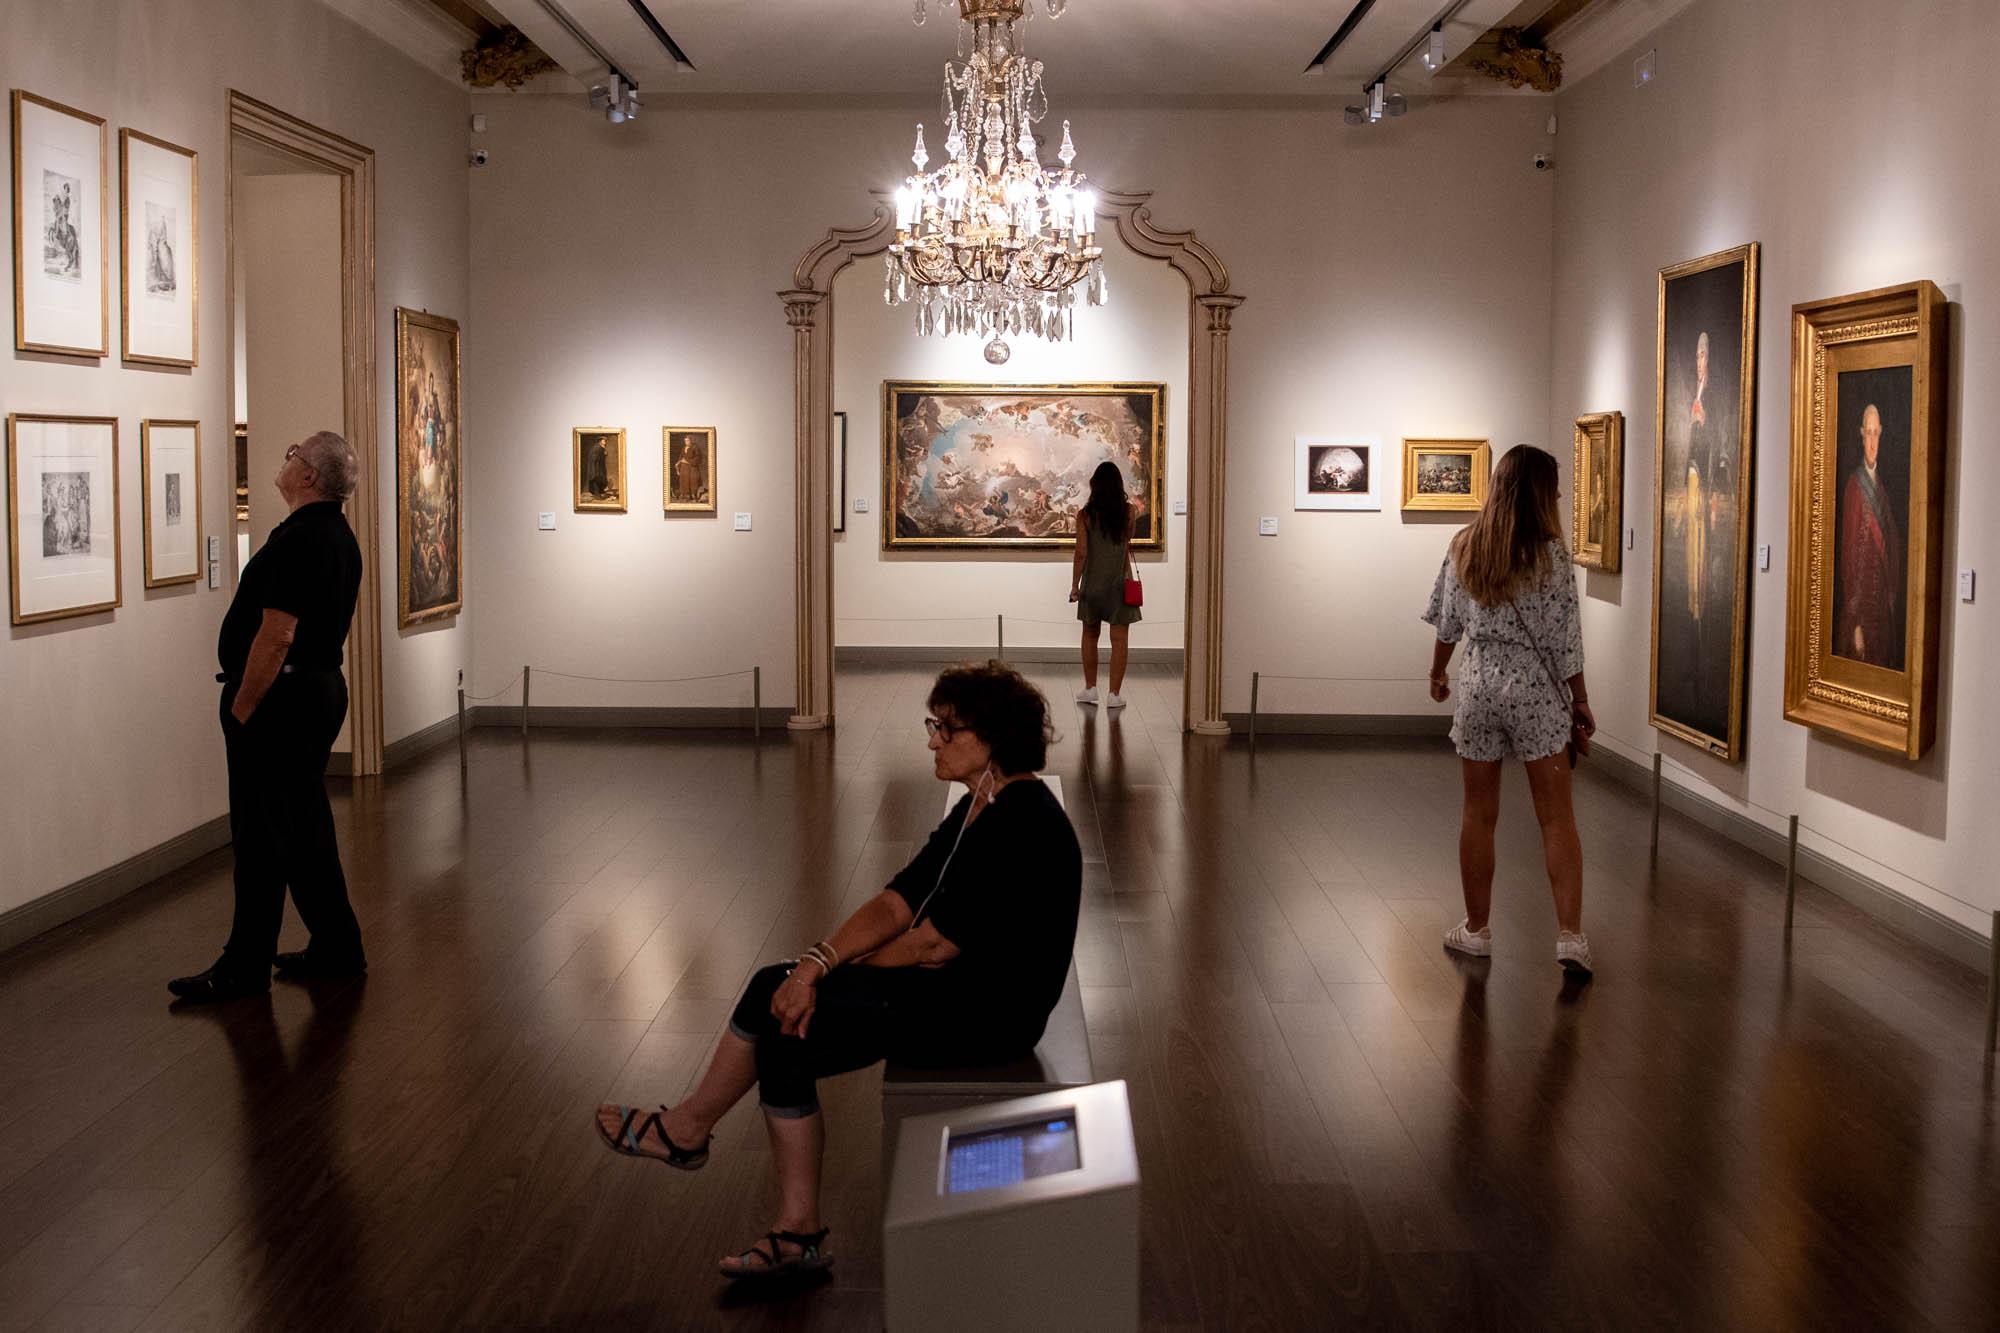 Qué ver en Zaragoza - Museo de Goya